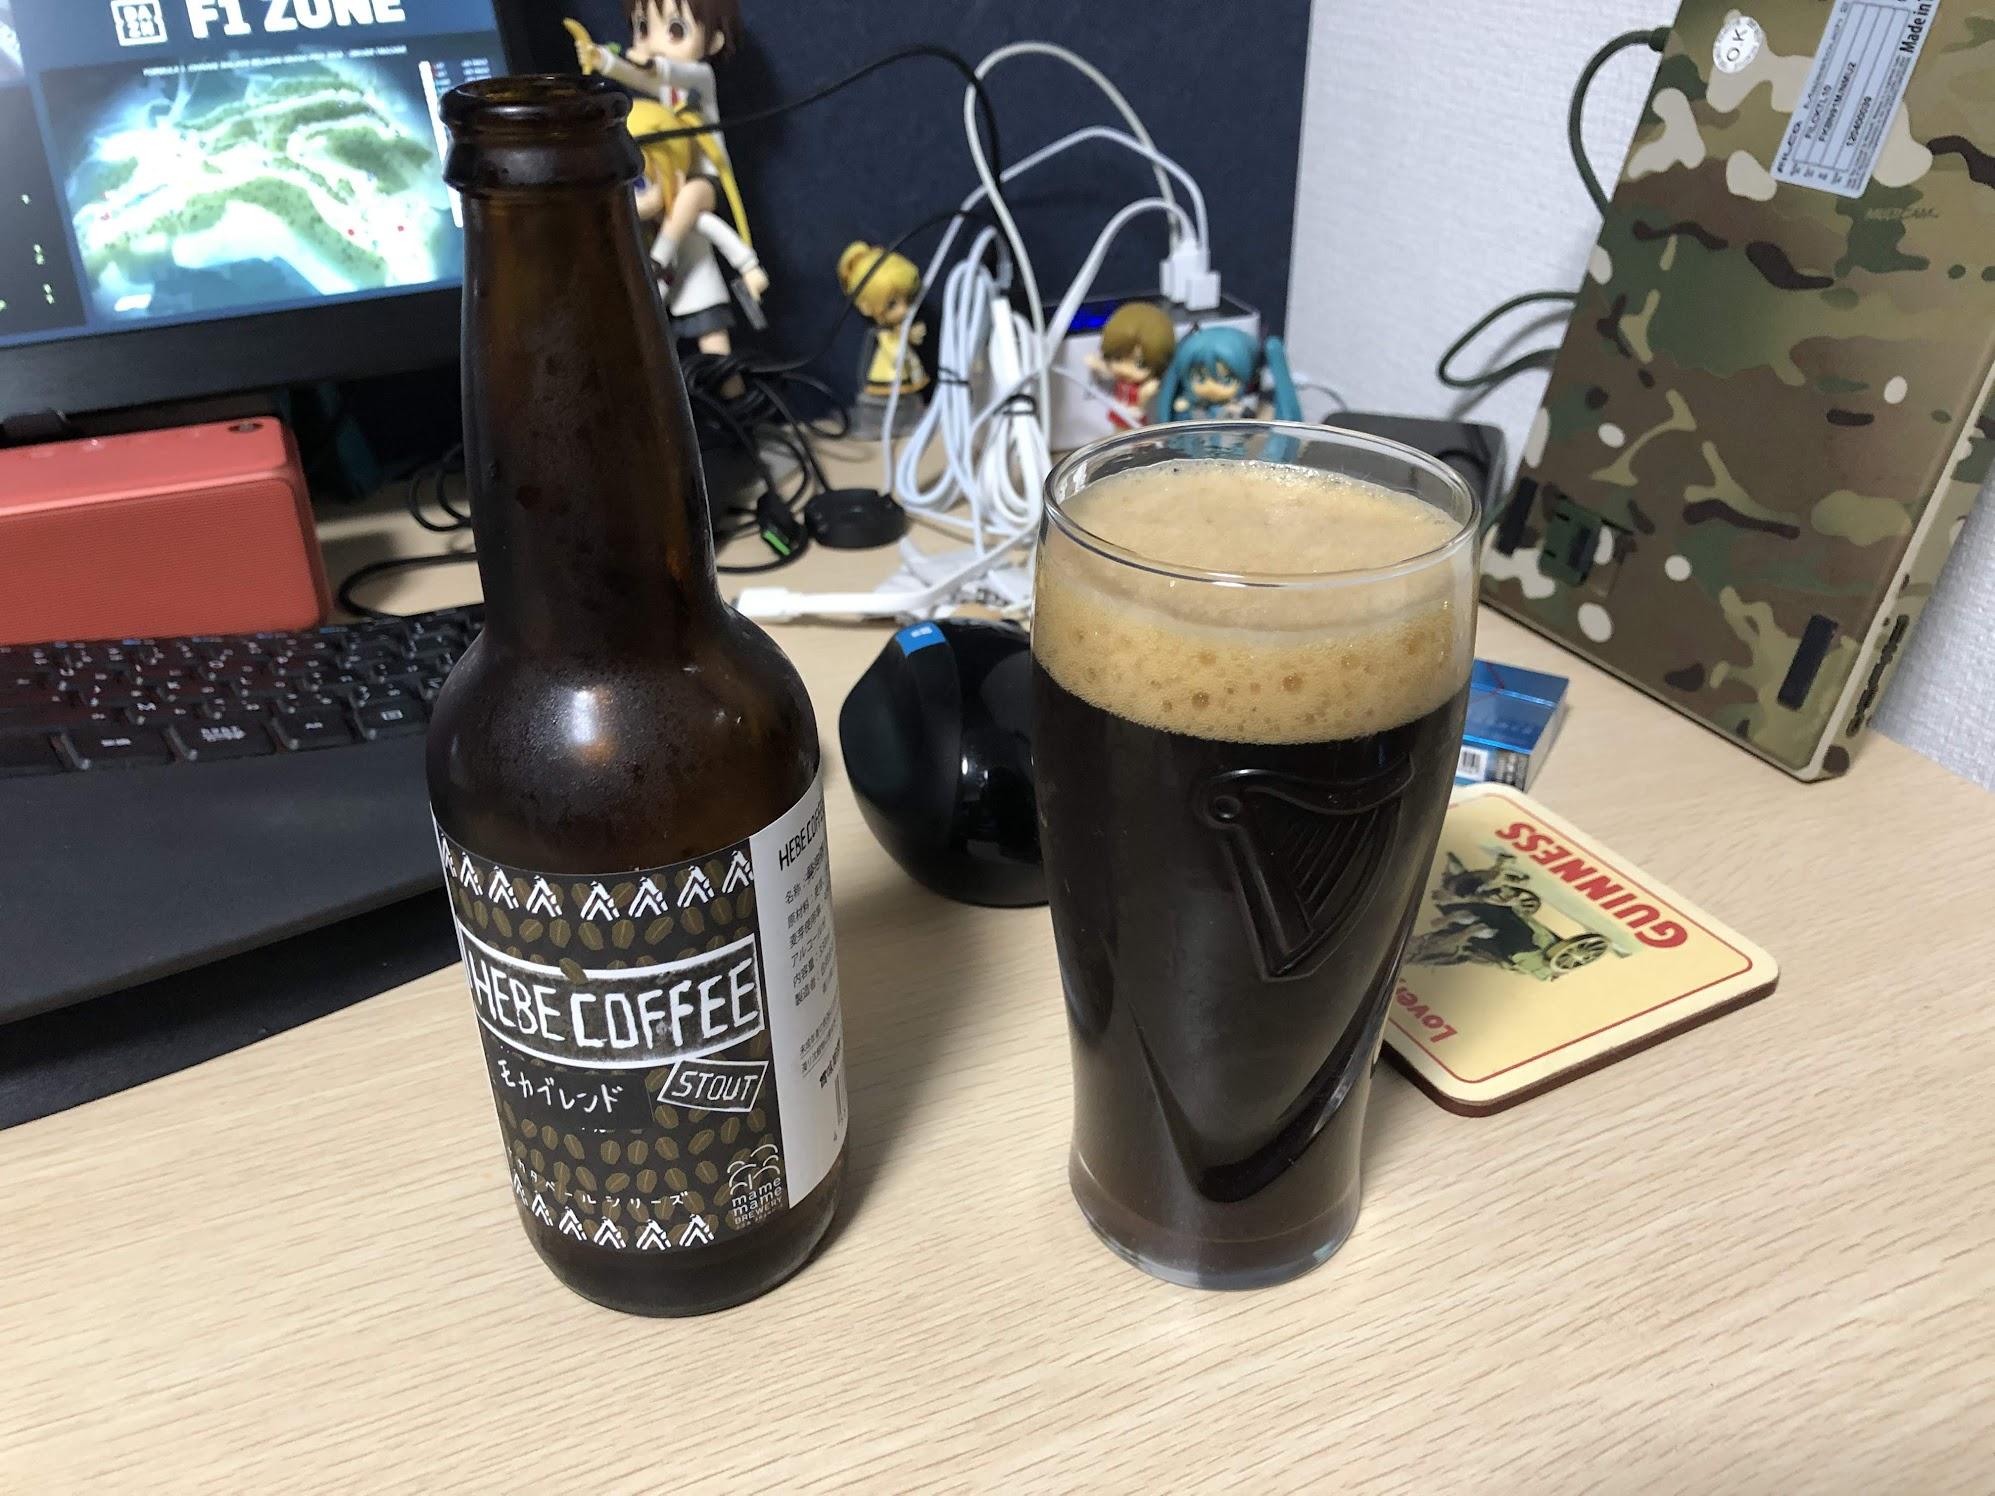 地ビールを飲もう – まめまめびーる HEBE COFFEE STOUT